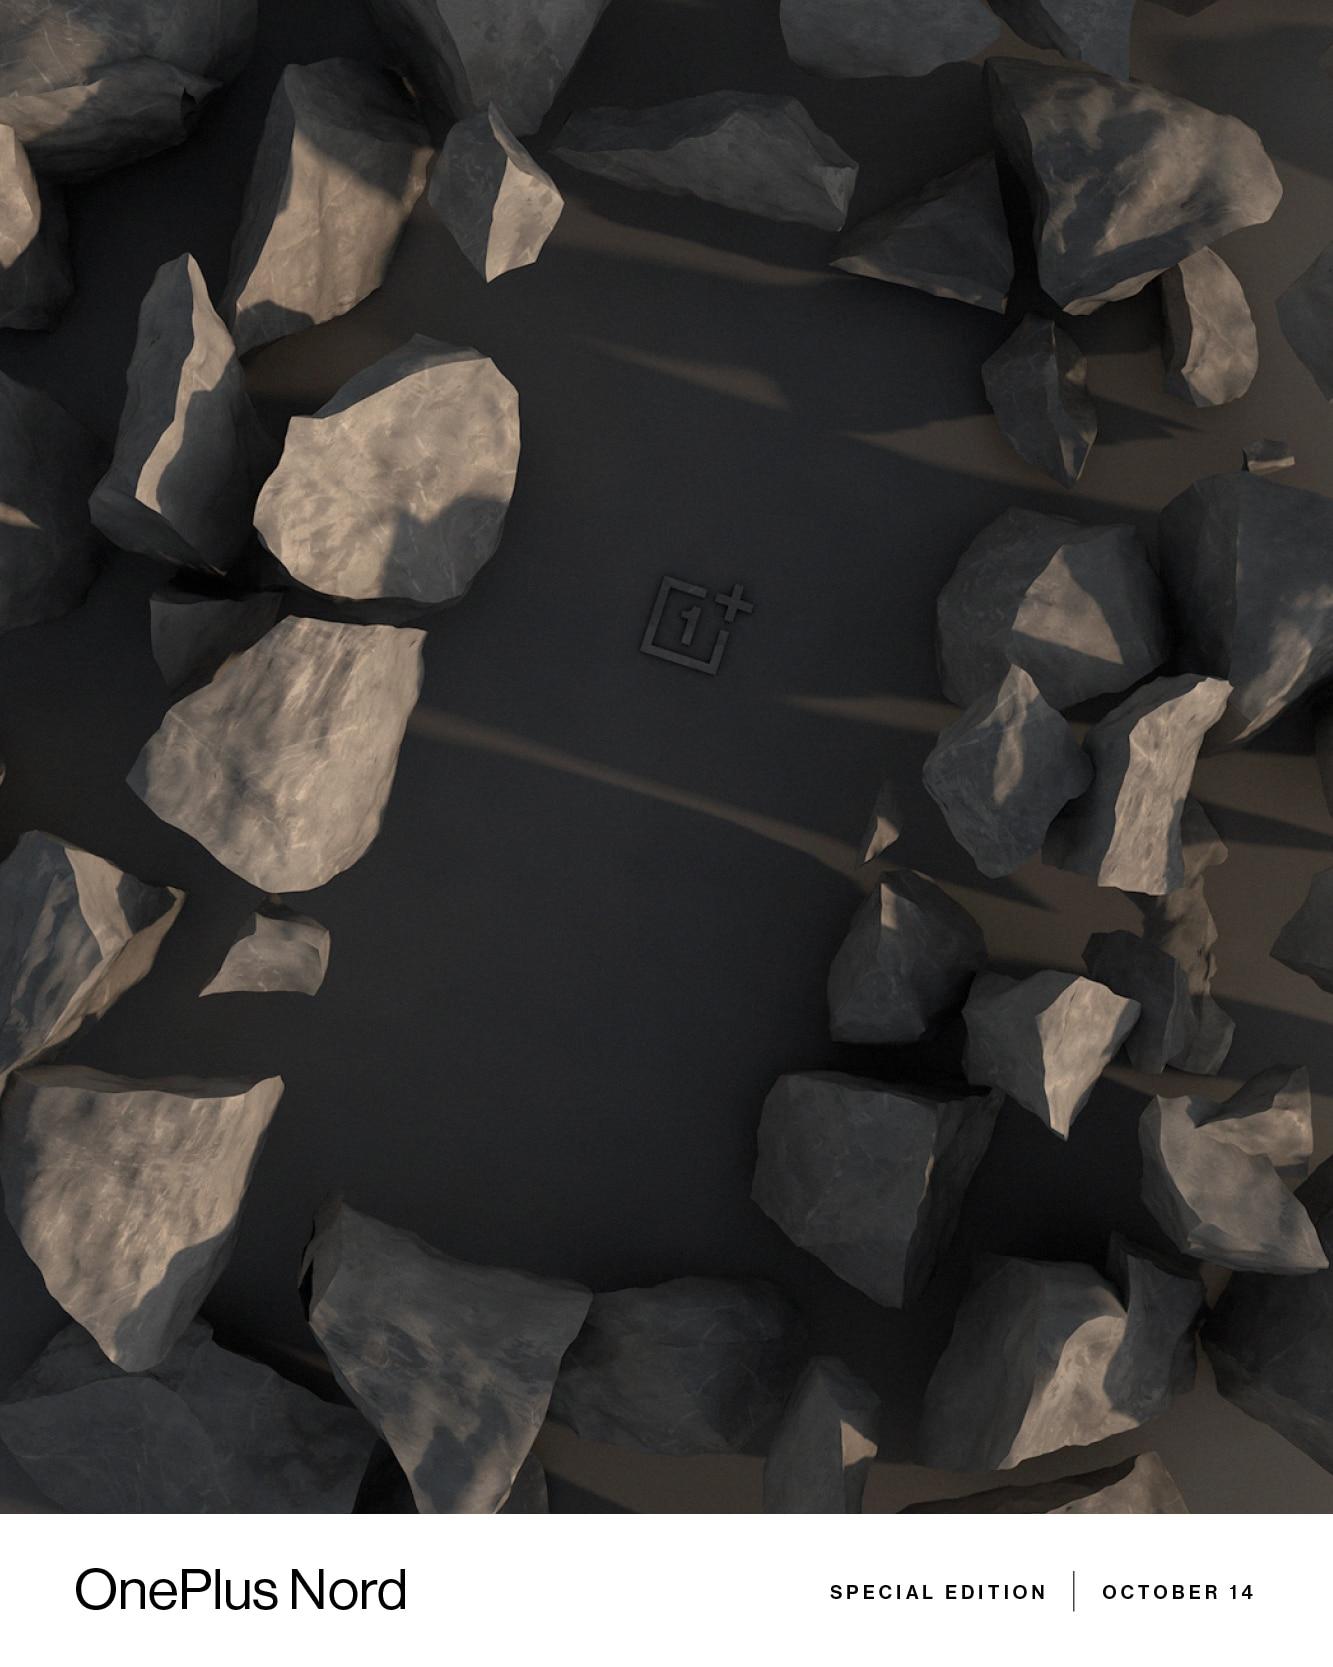 Il 14 ottobre arriverà una Special Edition di OnePlus Nord, potrebbe far felici i fan della prima ora (foto)